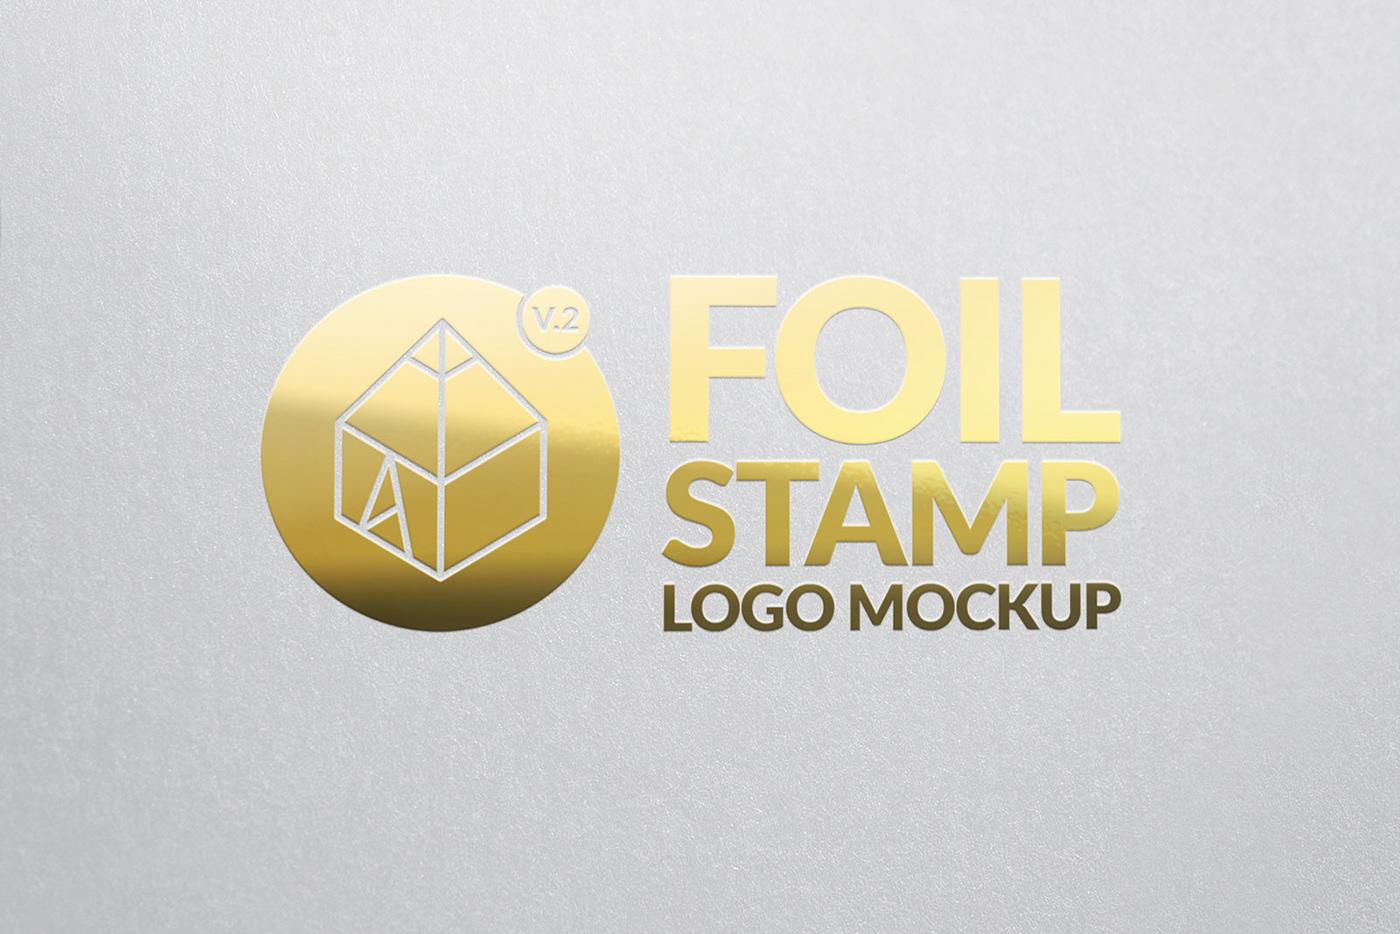 decorative design elegant foil logo mock-up Mockup paper showcase stamp